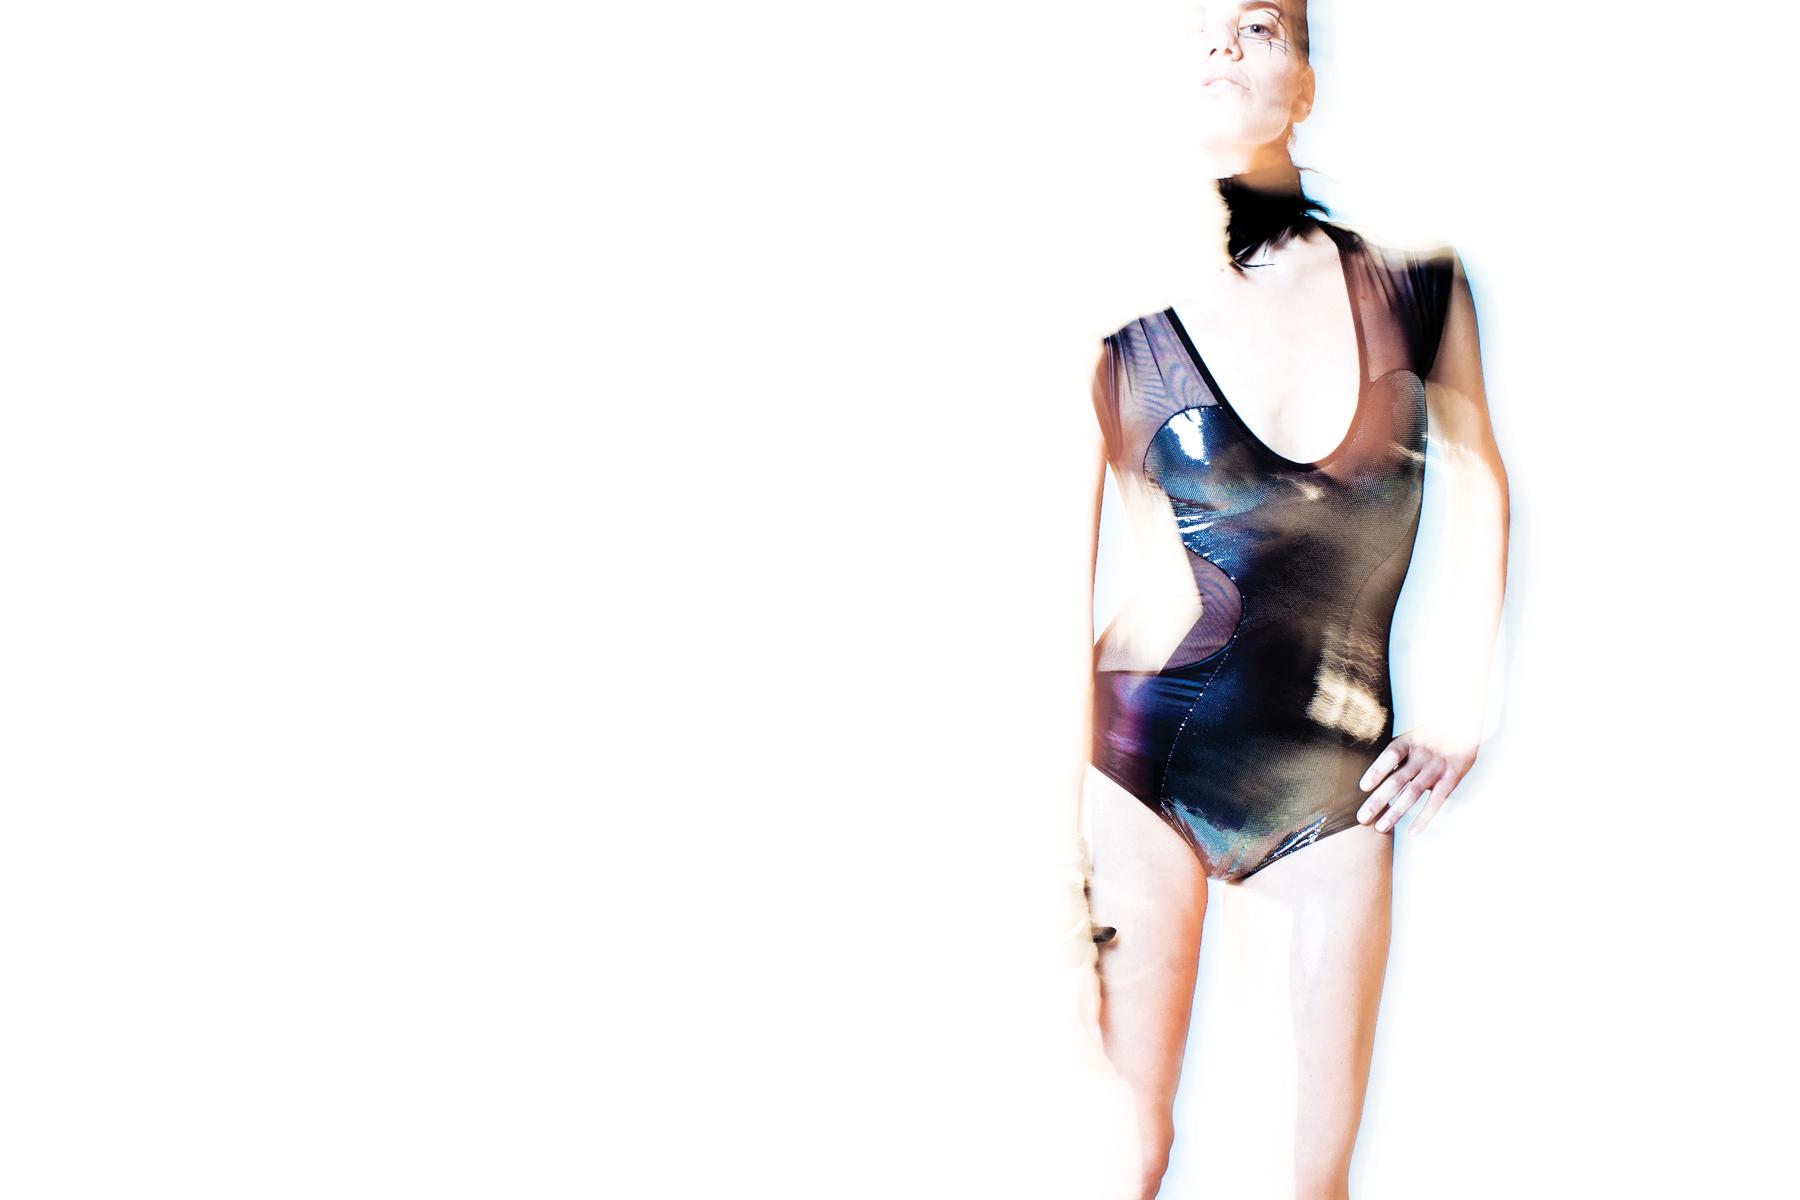 LA based designer, Brian Lichtenberg